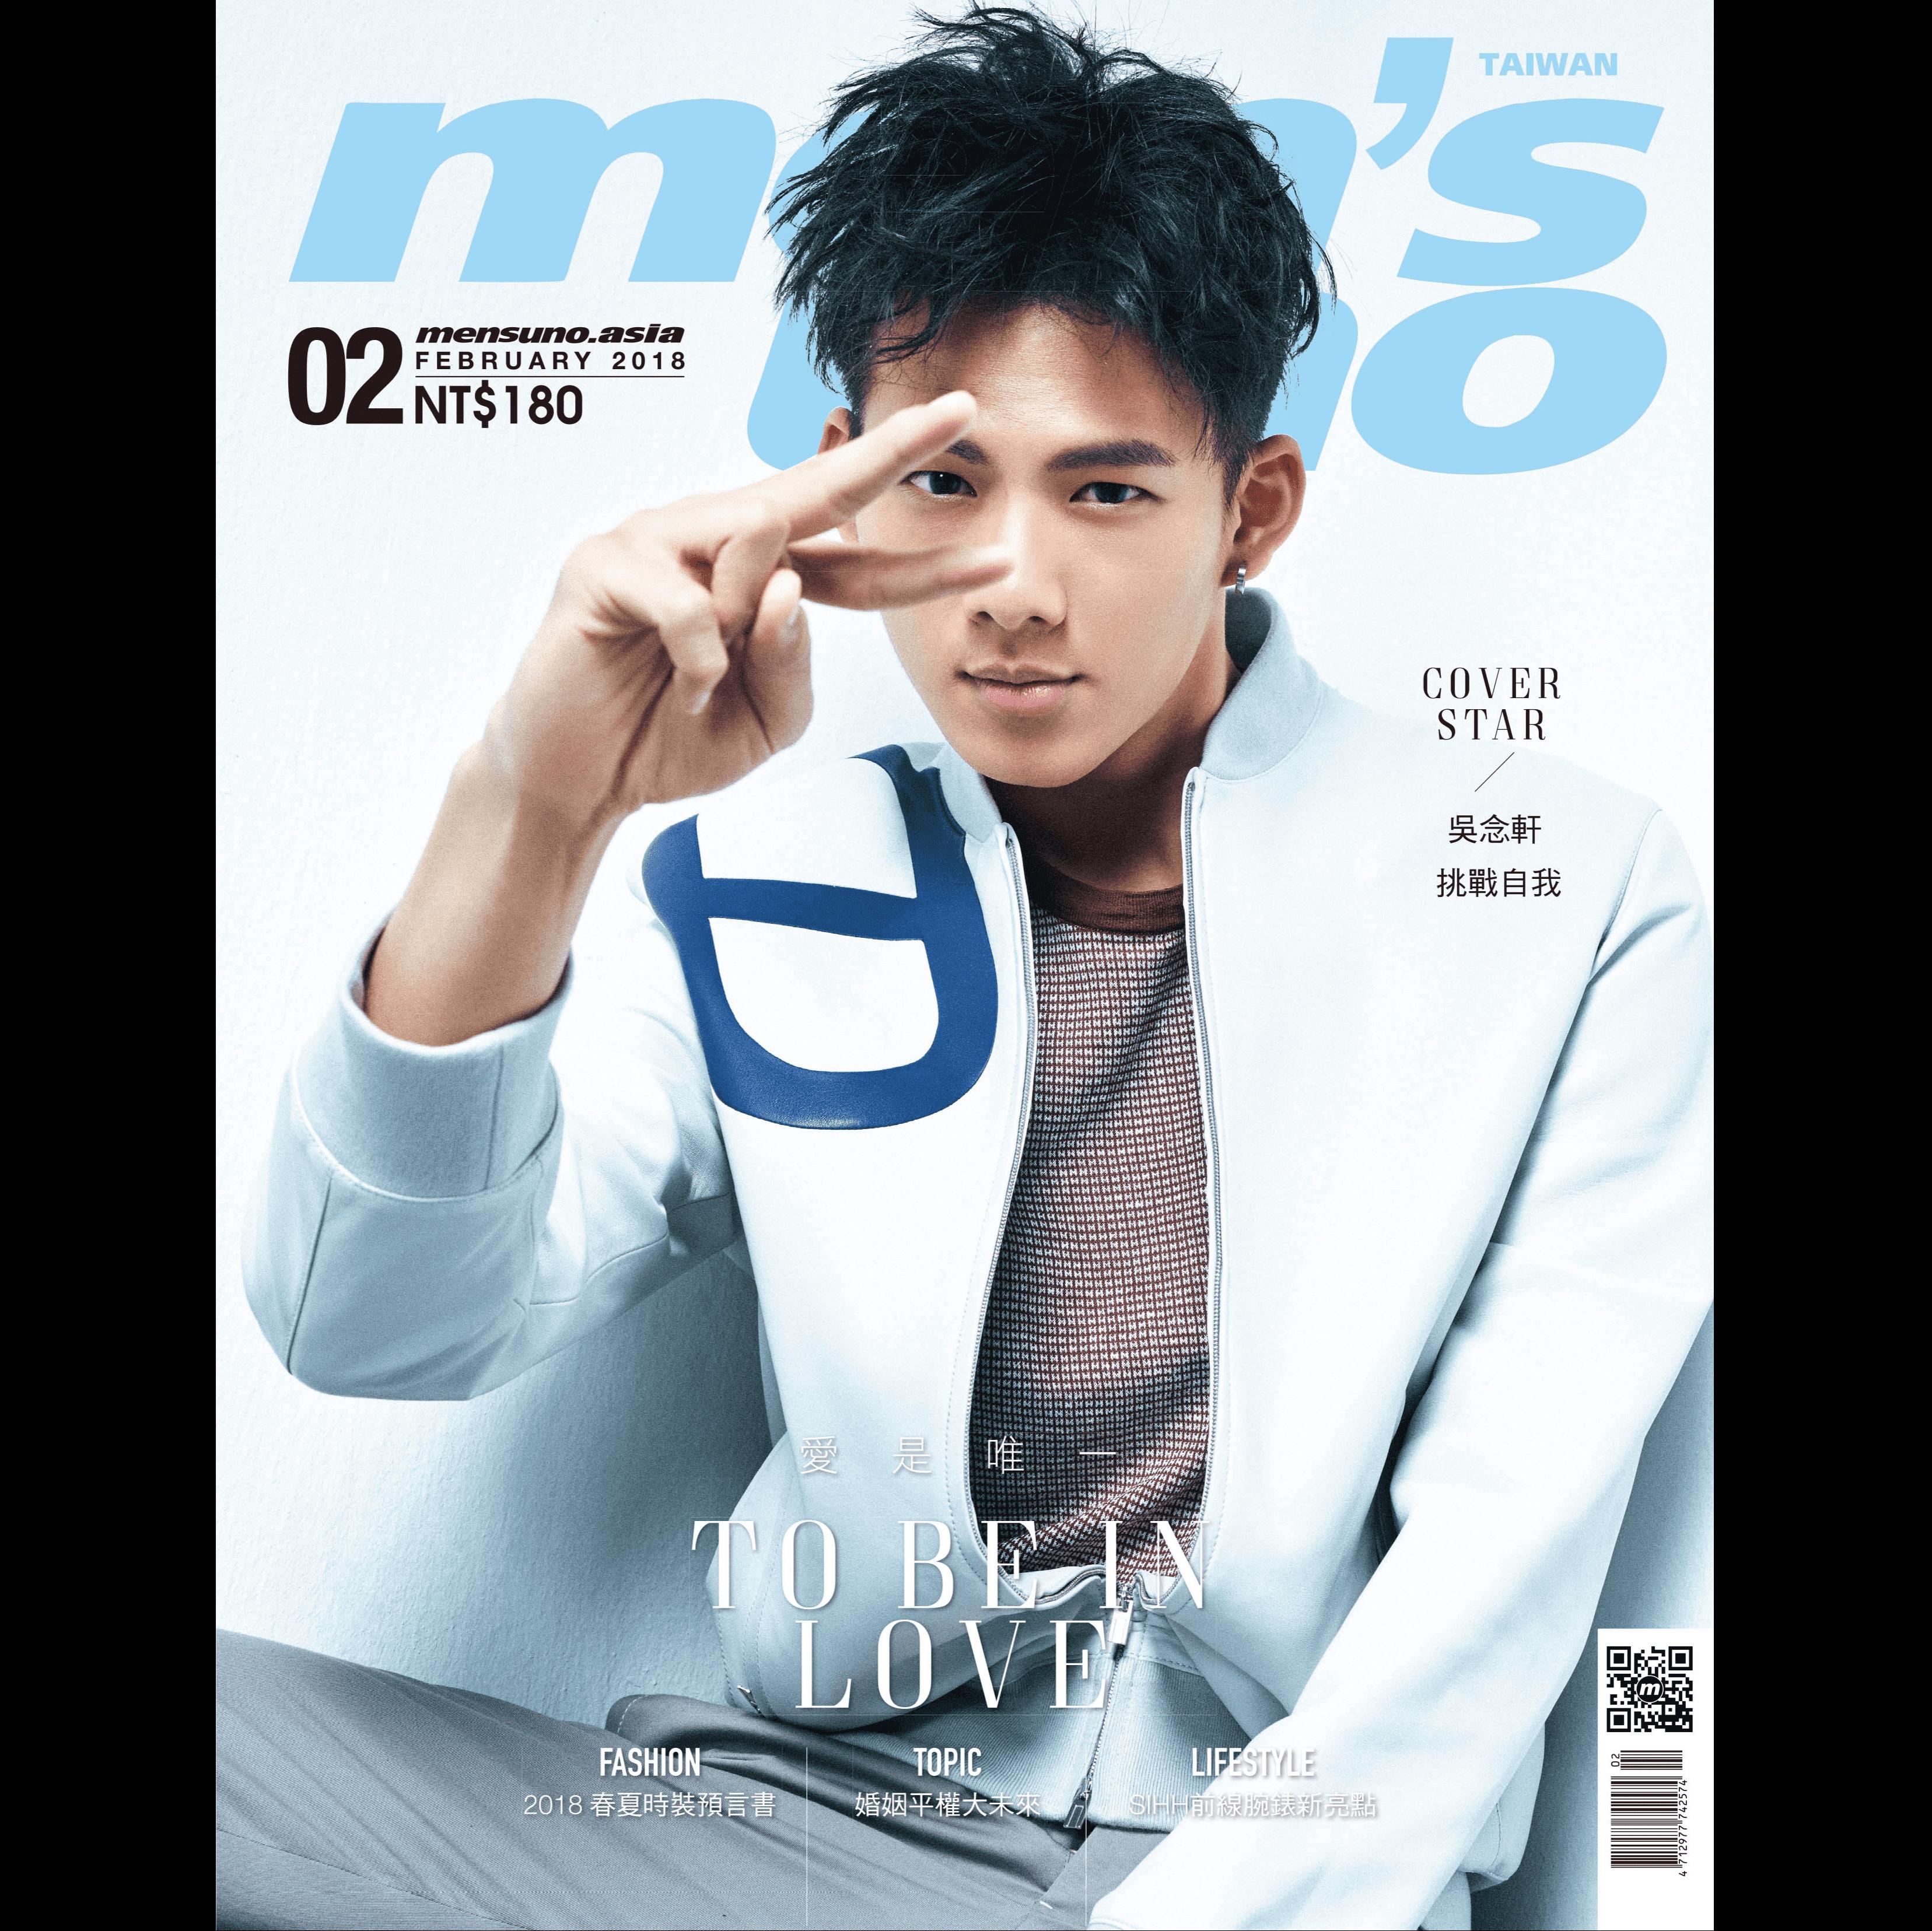 <p>COVER STAR 吳念軒 挑戰自我</p>